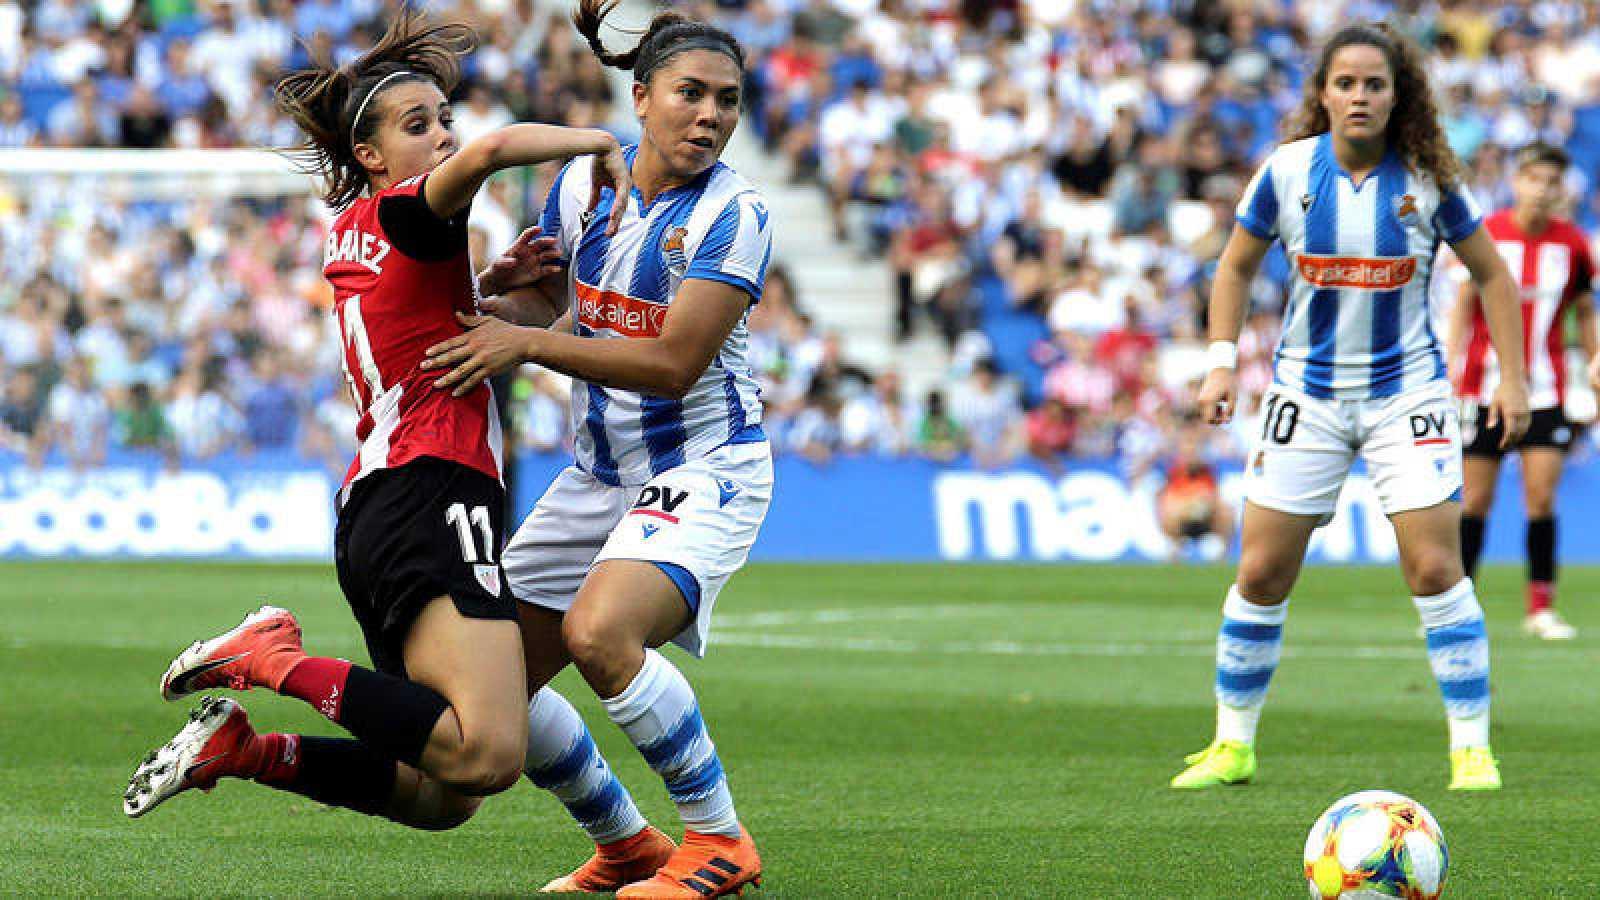 Imagen de un partido de Liga entre Real Sociedad y Ahtletic Club.